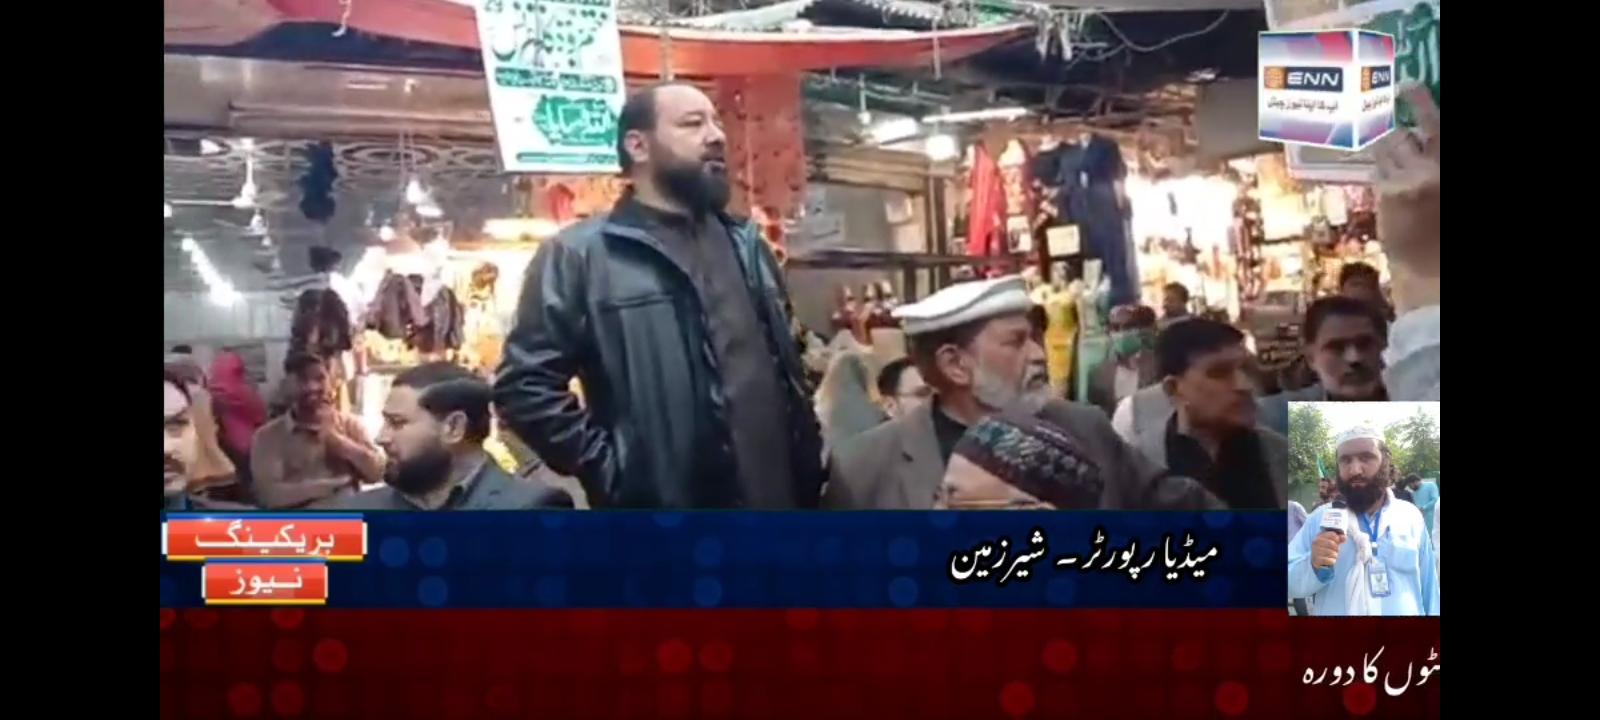 انجمن تاجران رجسٹرڈ کے صدر شرجیل میر صاحب راولپنڈی کے مختلف بازاروں اور مارکیٹوں کا دورہ